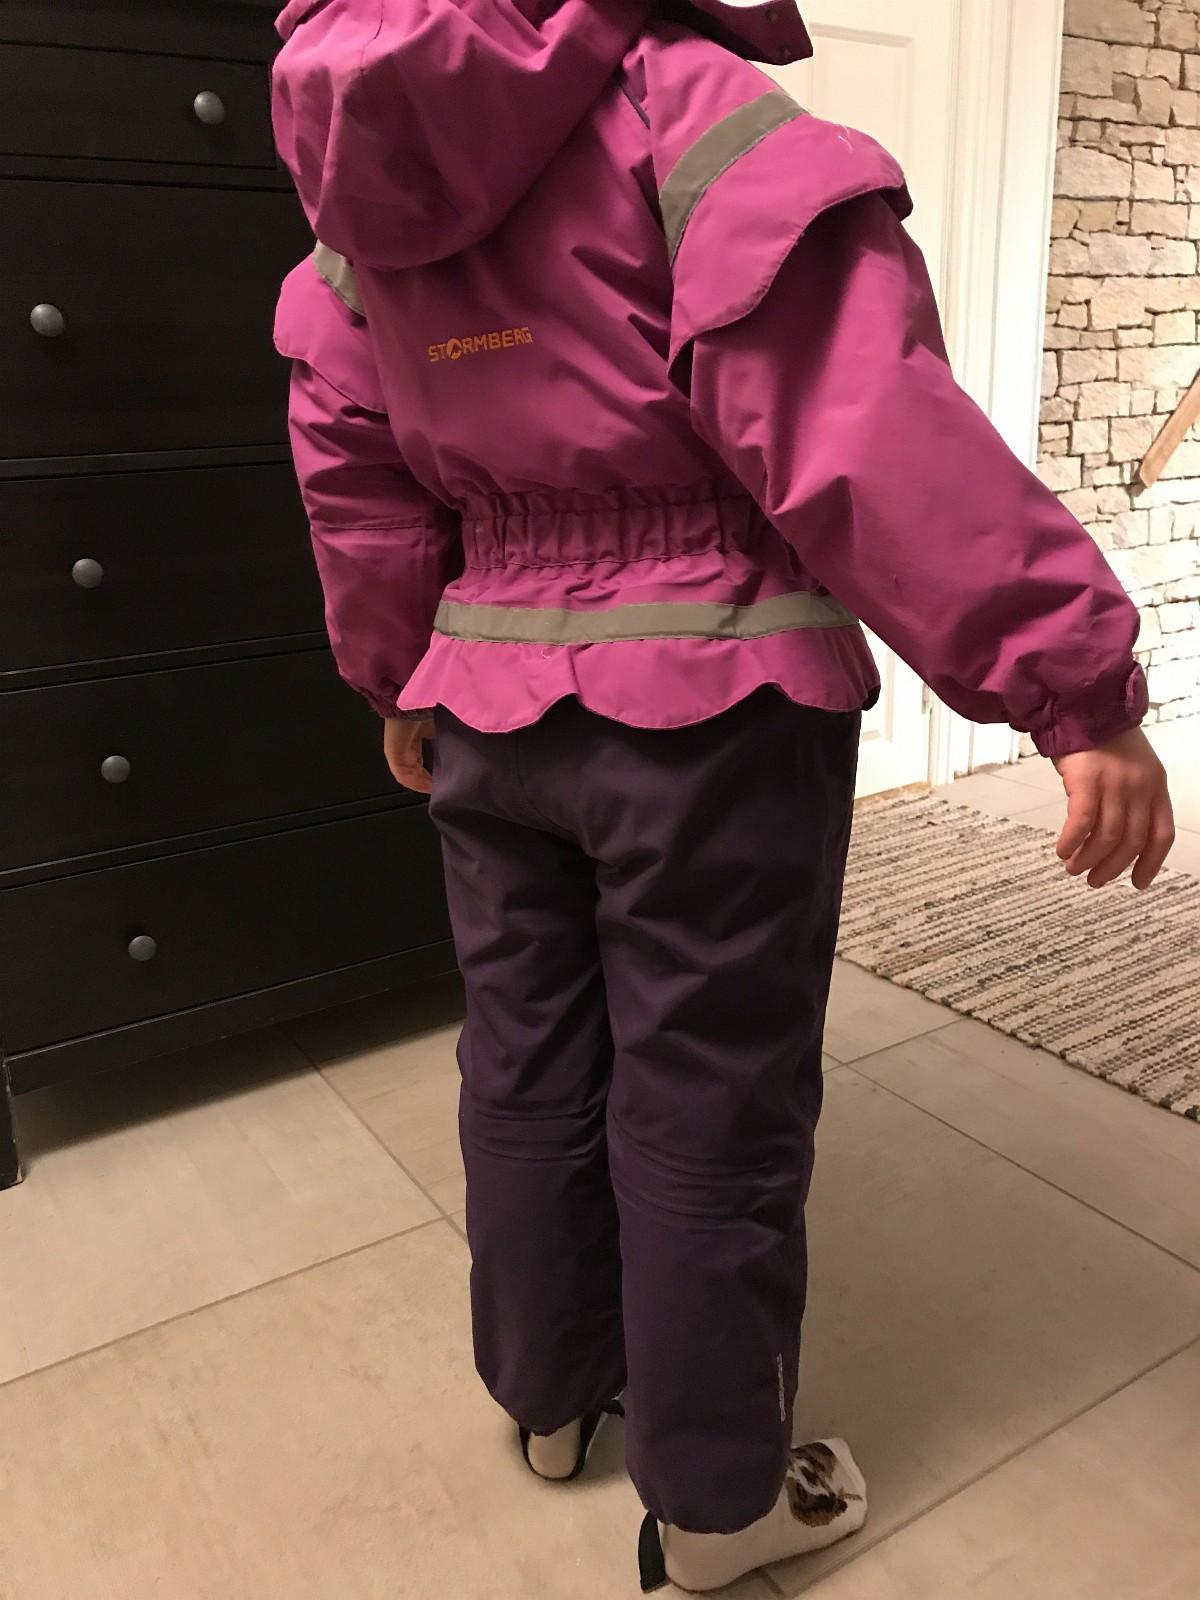 Stormberg vinterdress - årnes  - Stilig dress som ser ut dom bukse og jakke. Litt slitt, men fult brukbar - årnes